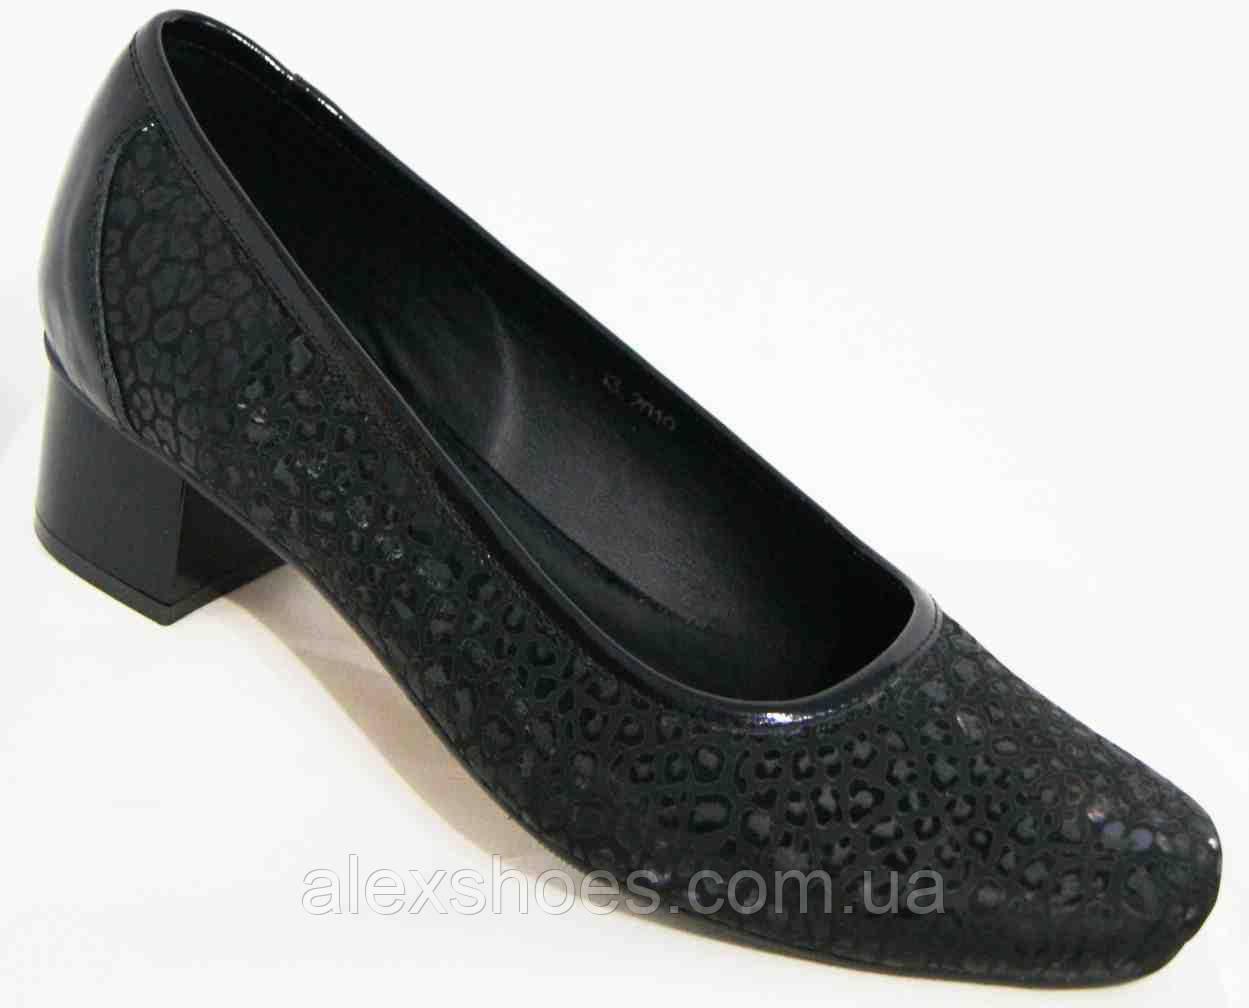 Туфли женские большого размера из натуральной кожи от производителя модель В5252-7